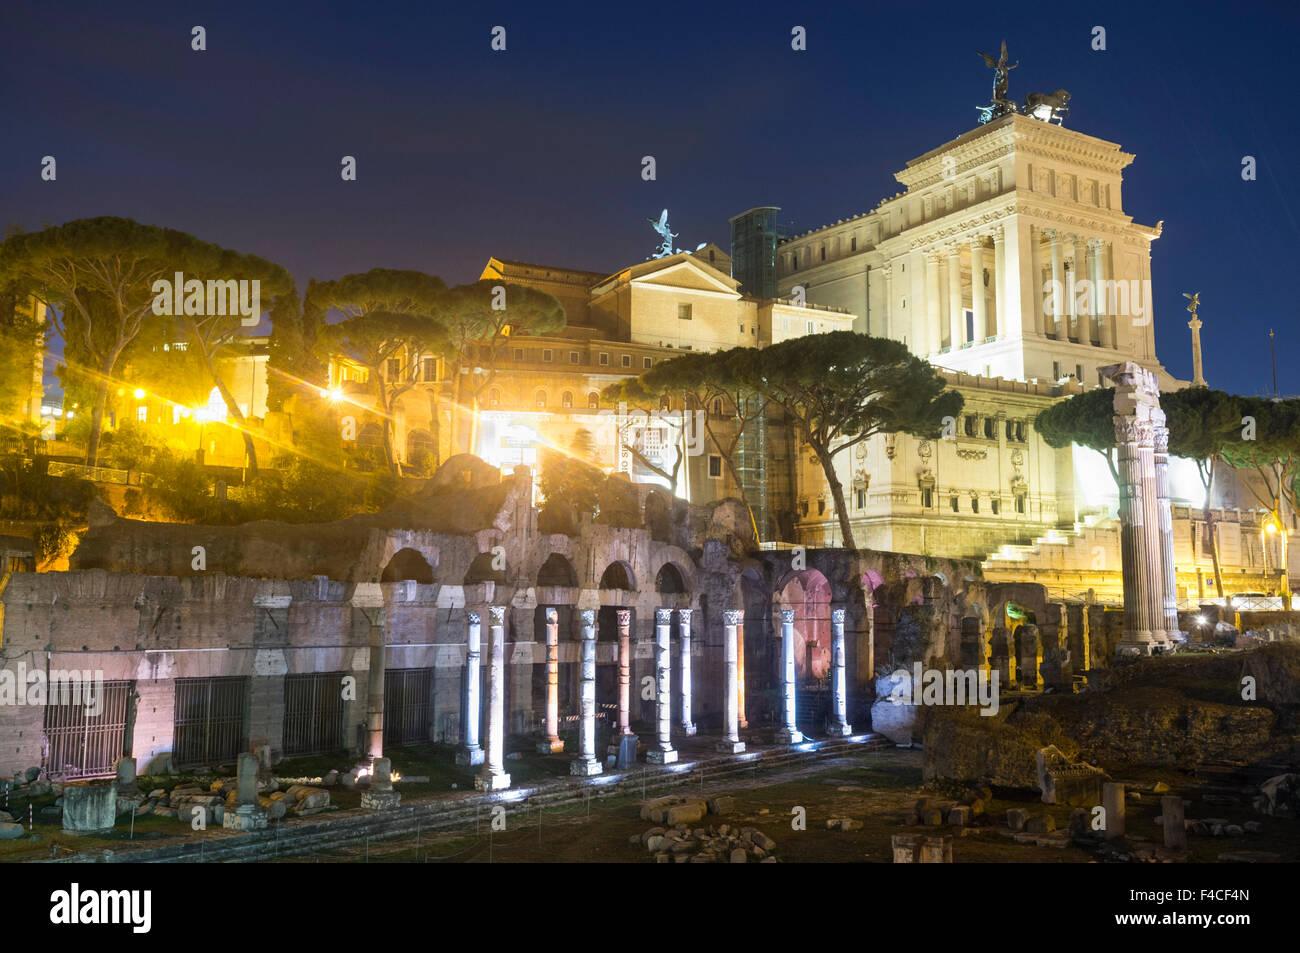 Vittoriano et Forum de Trajan par nuit, Rome, Italie Photo Stock